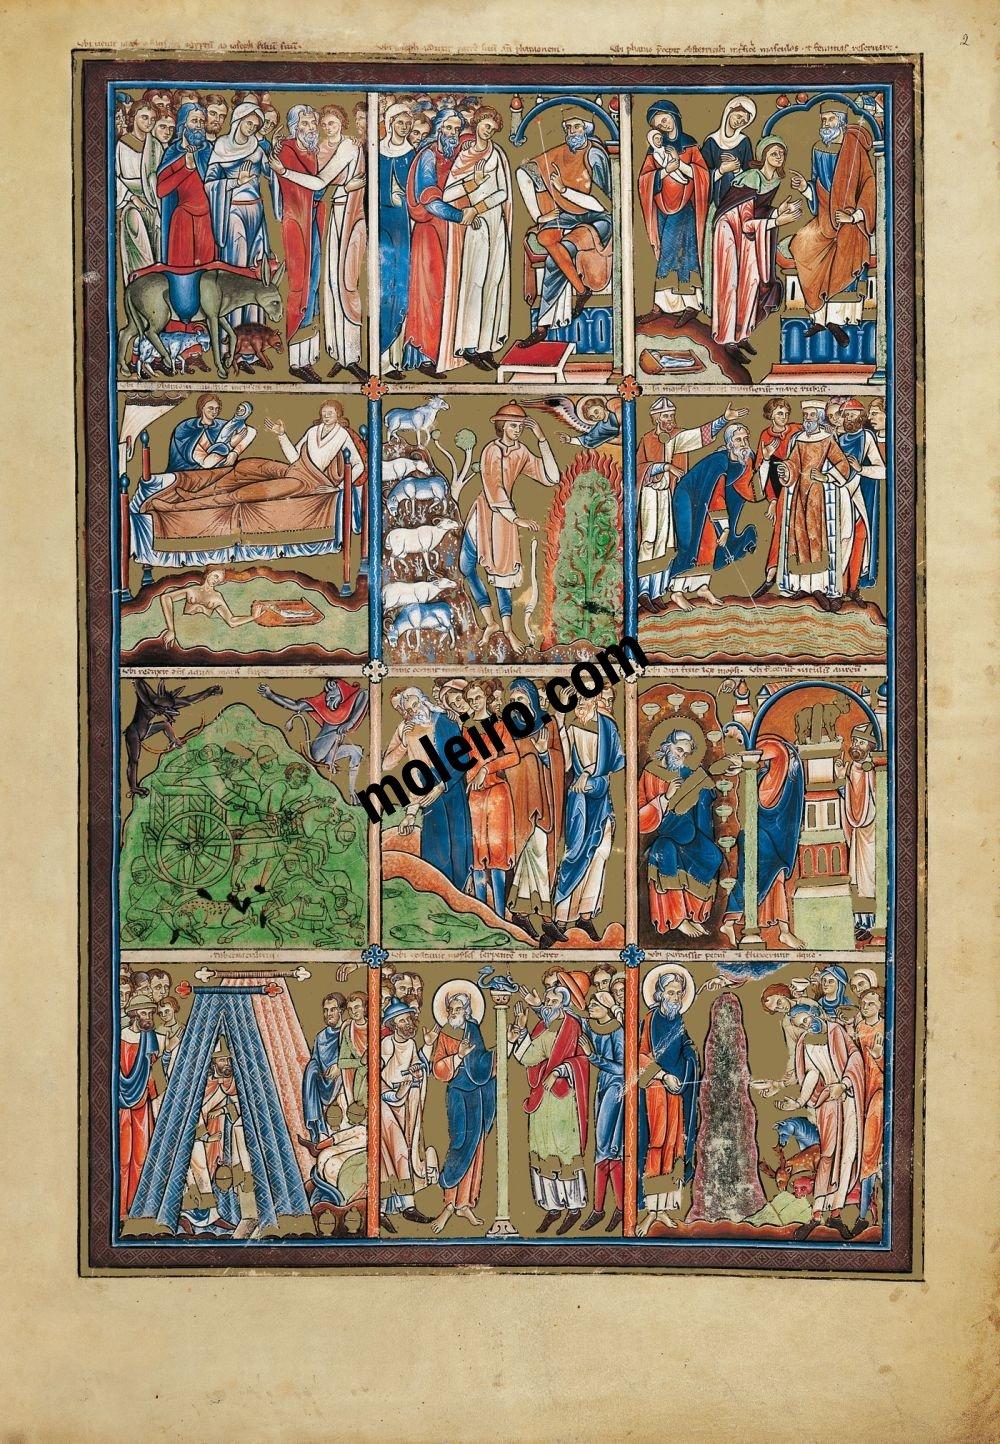 Saltério Glosado f. 2r, Cenas do Antigo Testamento: a Criação - o Êxodo